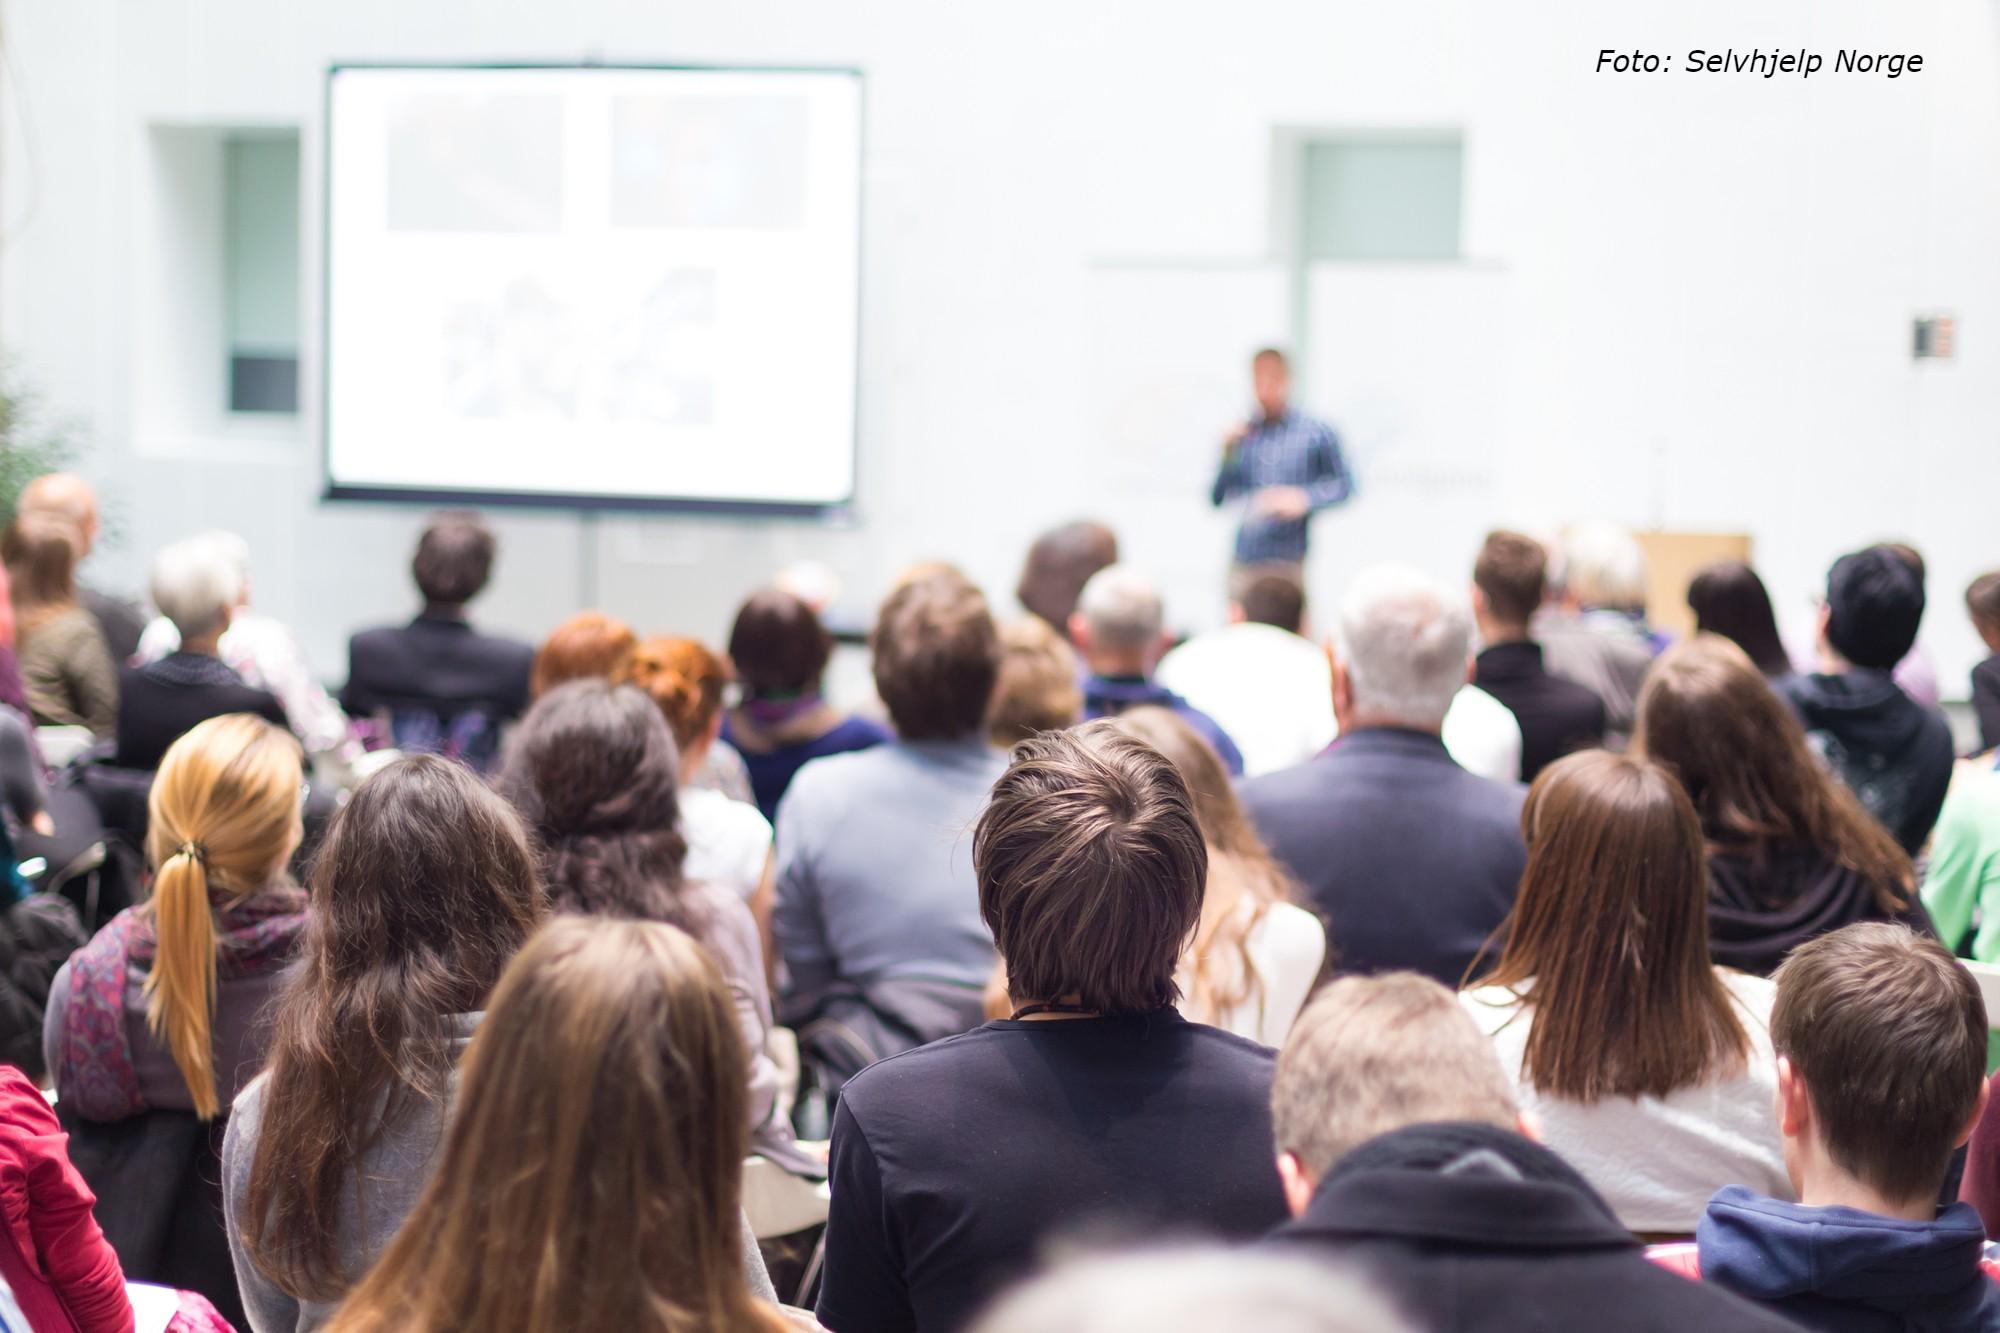 Bilde av mennesker som sitter og ser på en presentasjon